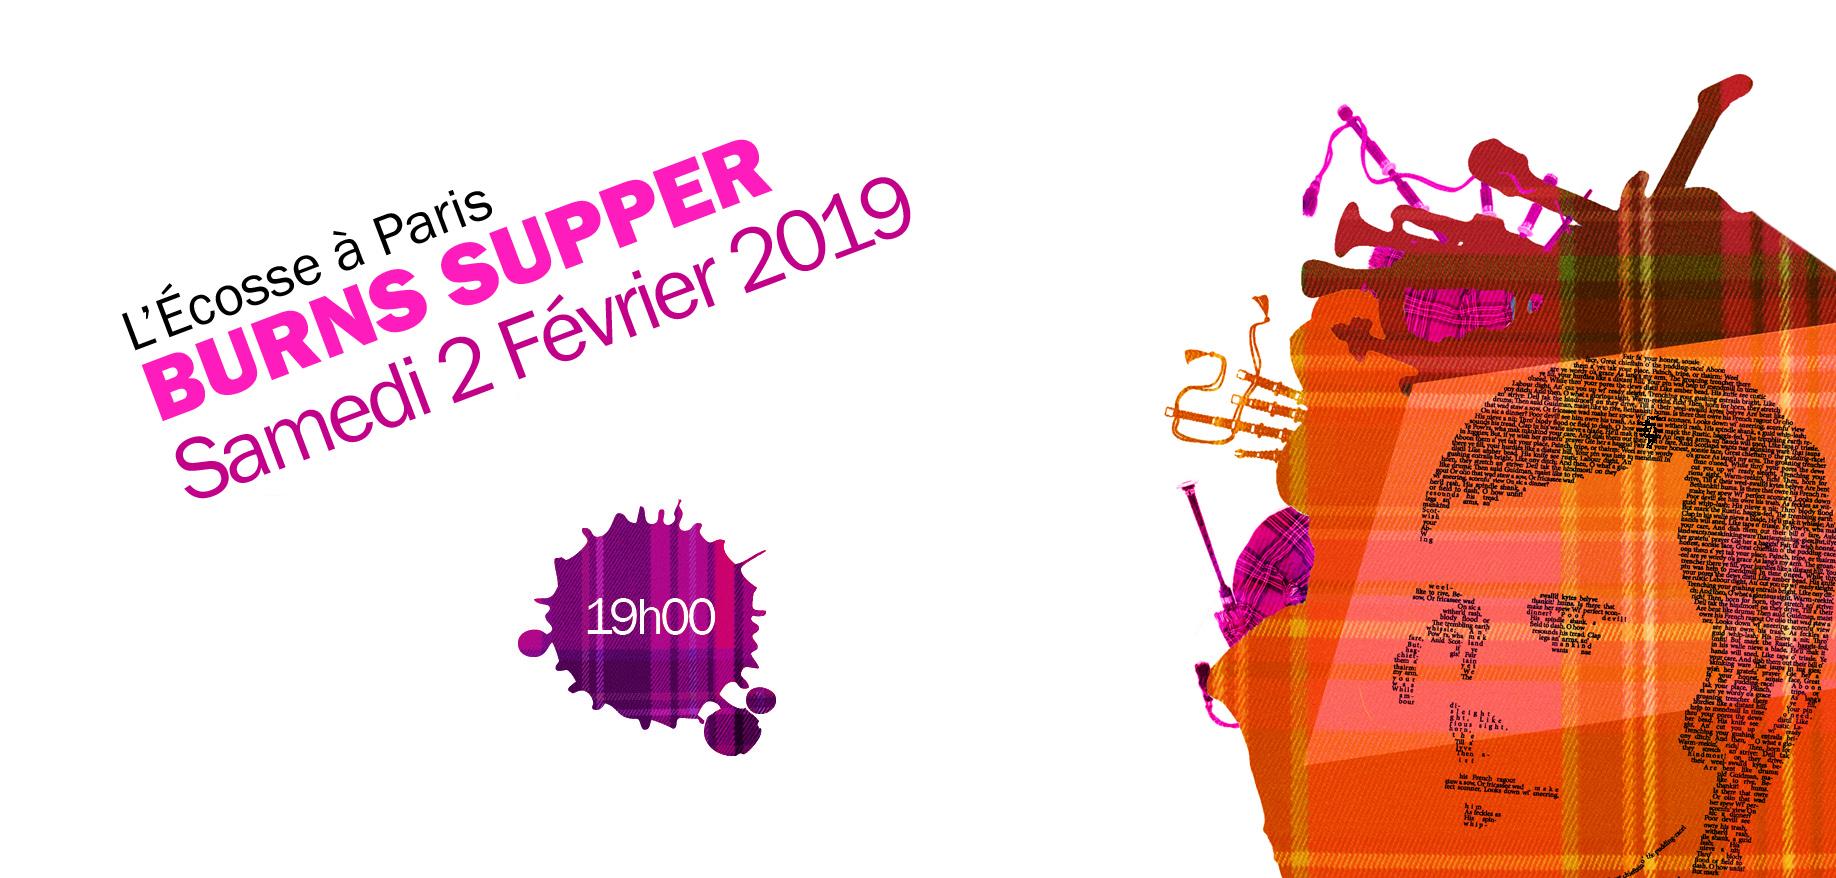 Burns Supper Samedi 2 Février 2019 à 19h